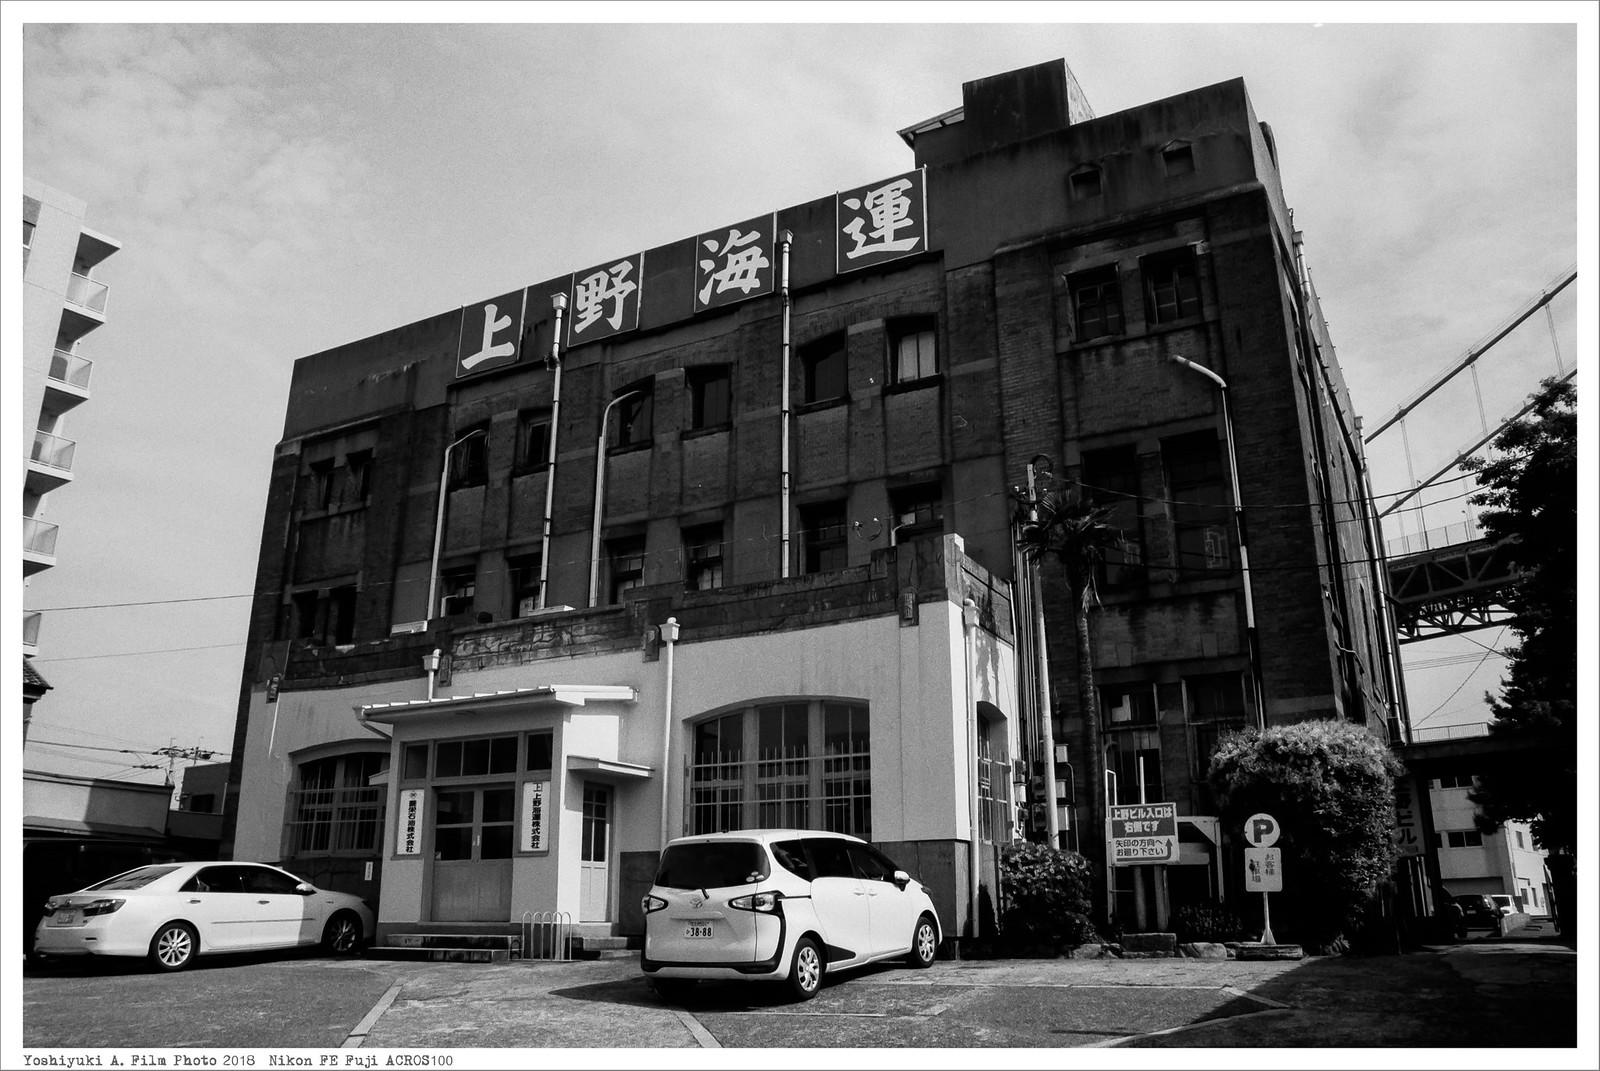 北九州市若松区 上野海運 Nikon_FE_Fuji_Acros100__59